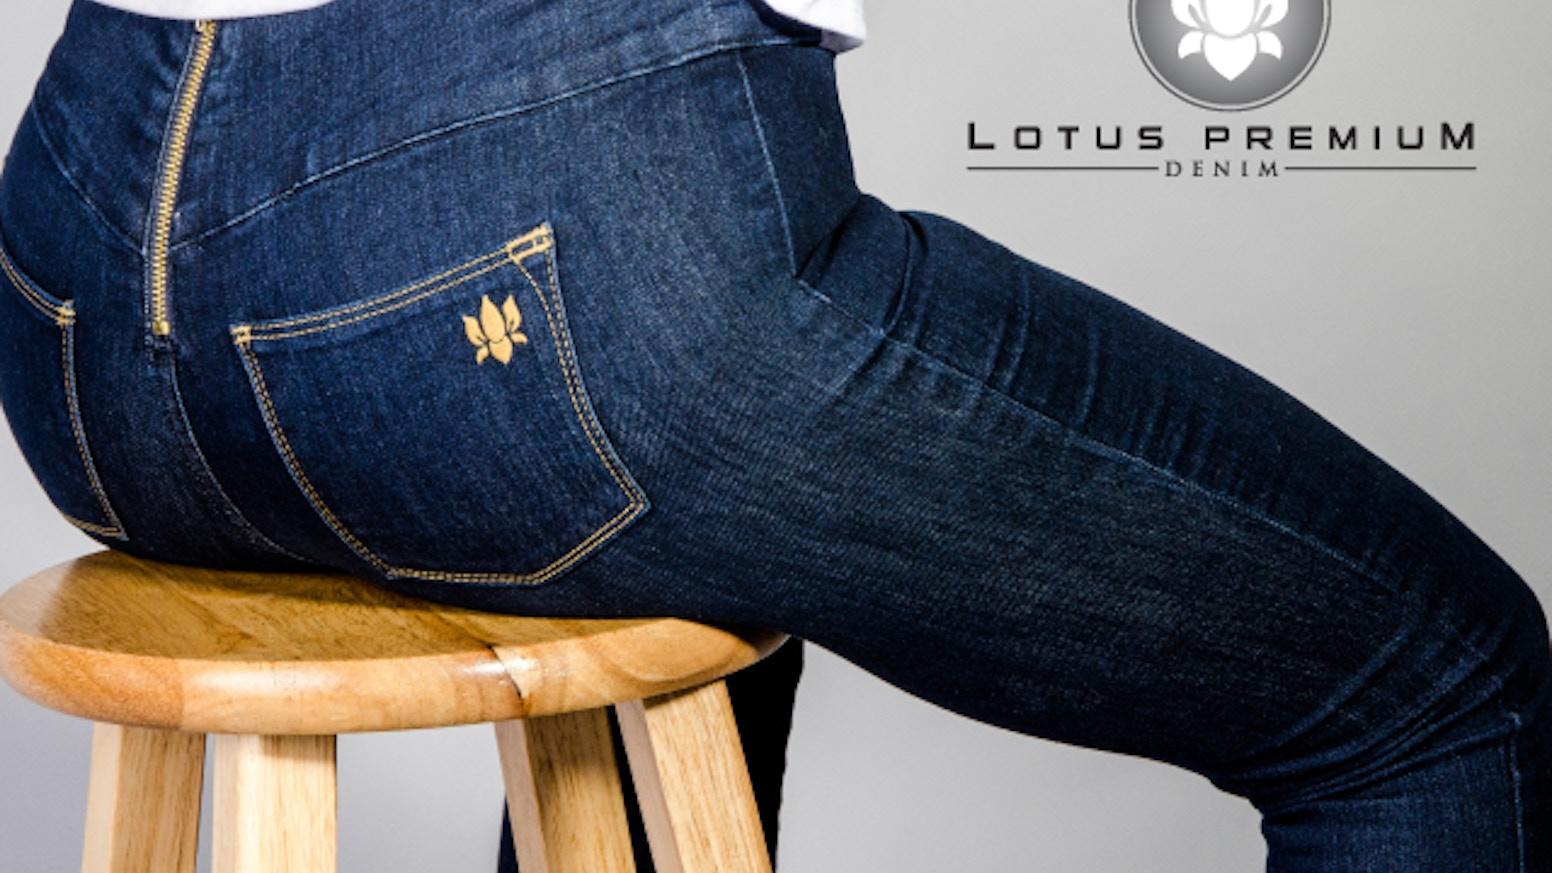 59a10da0758 Lotus Premium Denim - Reinventing Jeans for Women by Lotus Premium ...